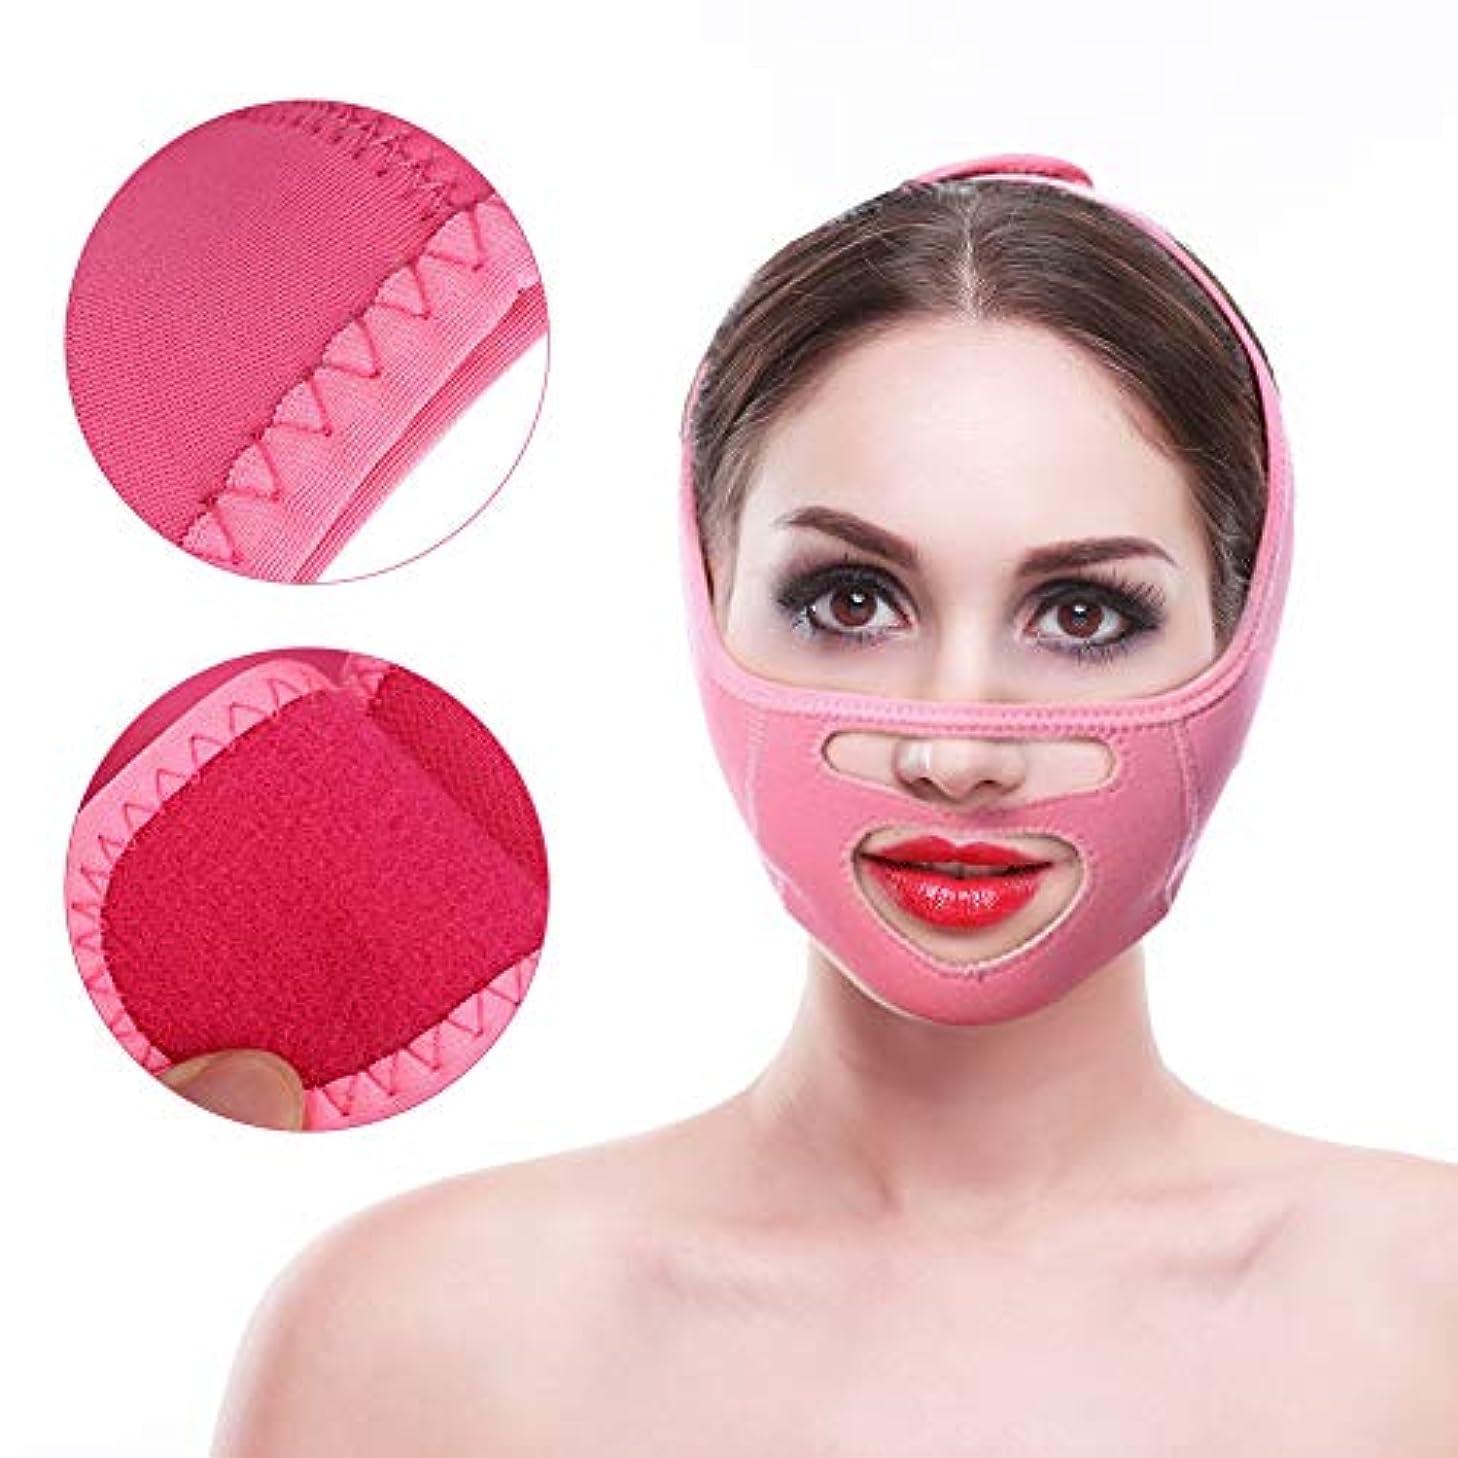 発火する補う式顔の持ち上がる整形ベルト、効果的に顔の形を改善し、顔と首の二重あごに肌を引き締め包帯を減らす